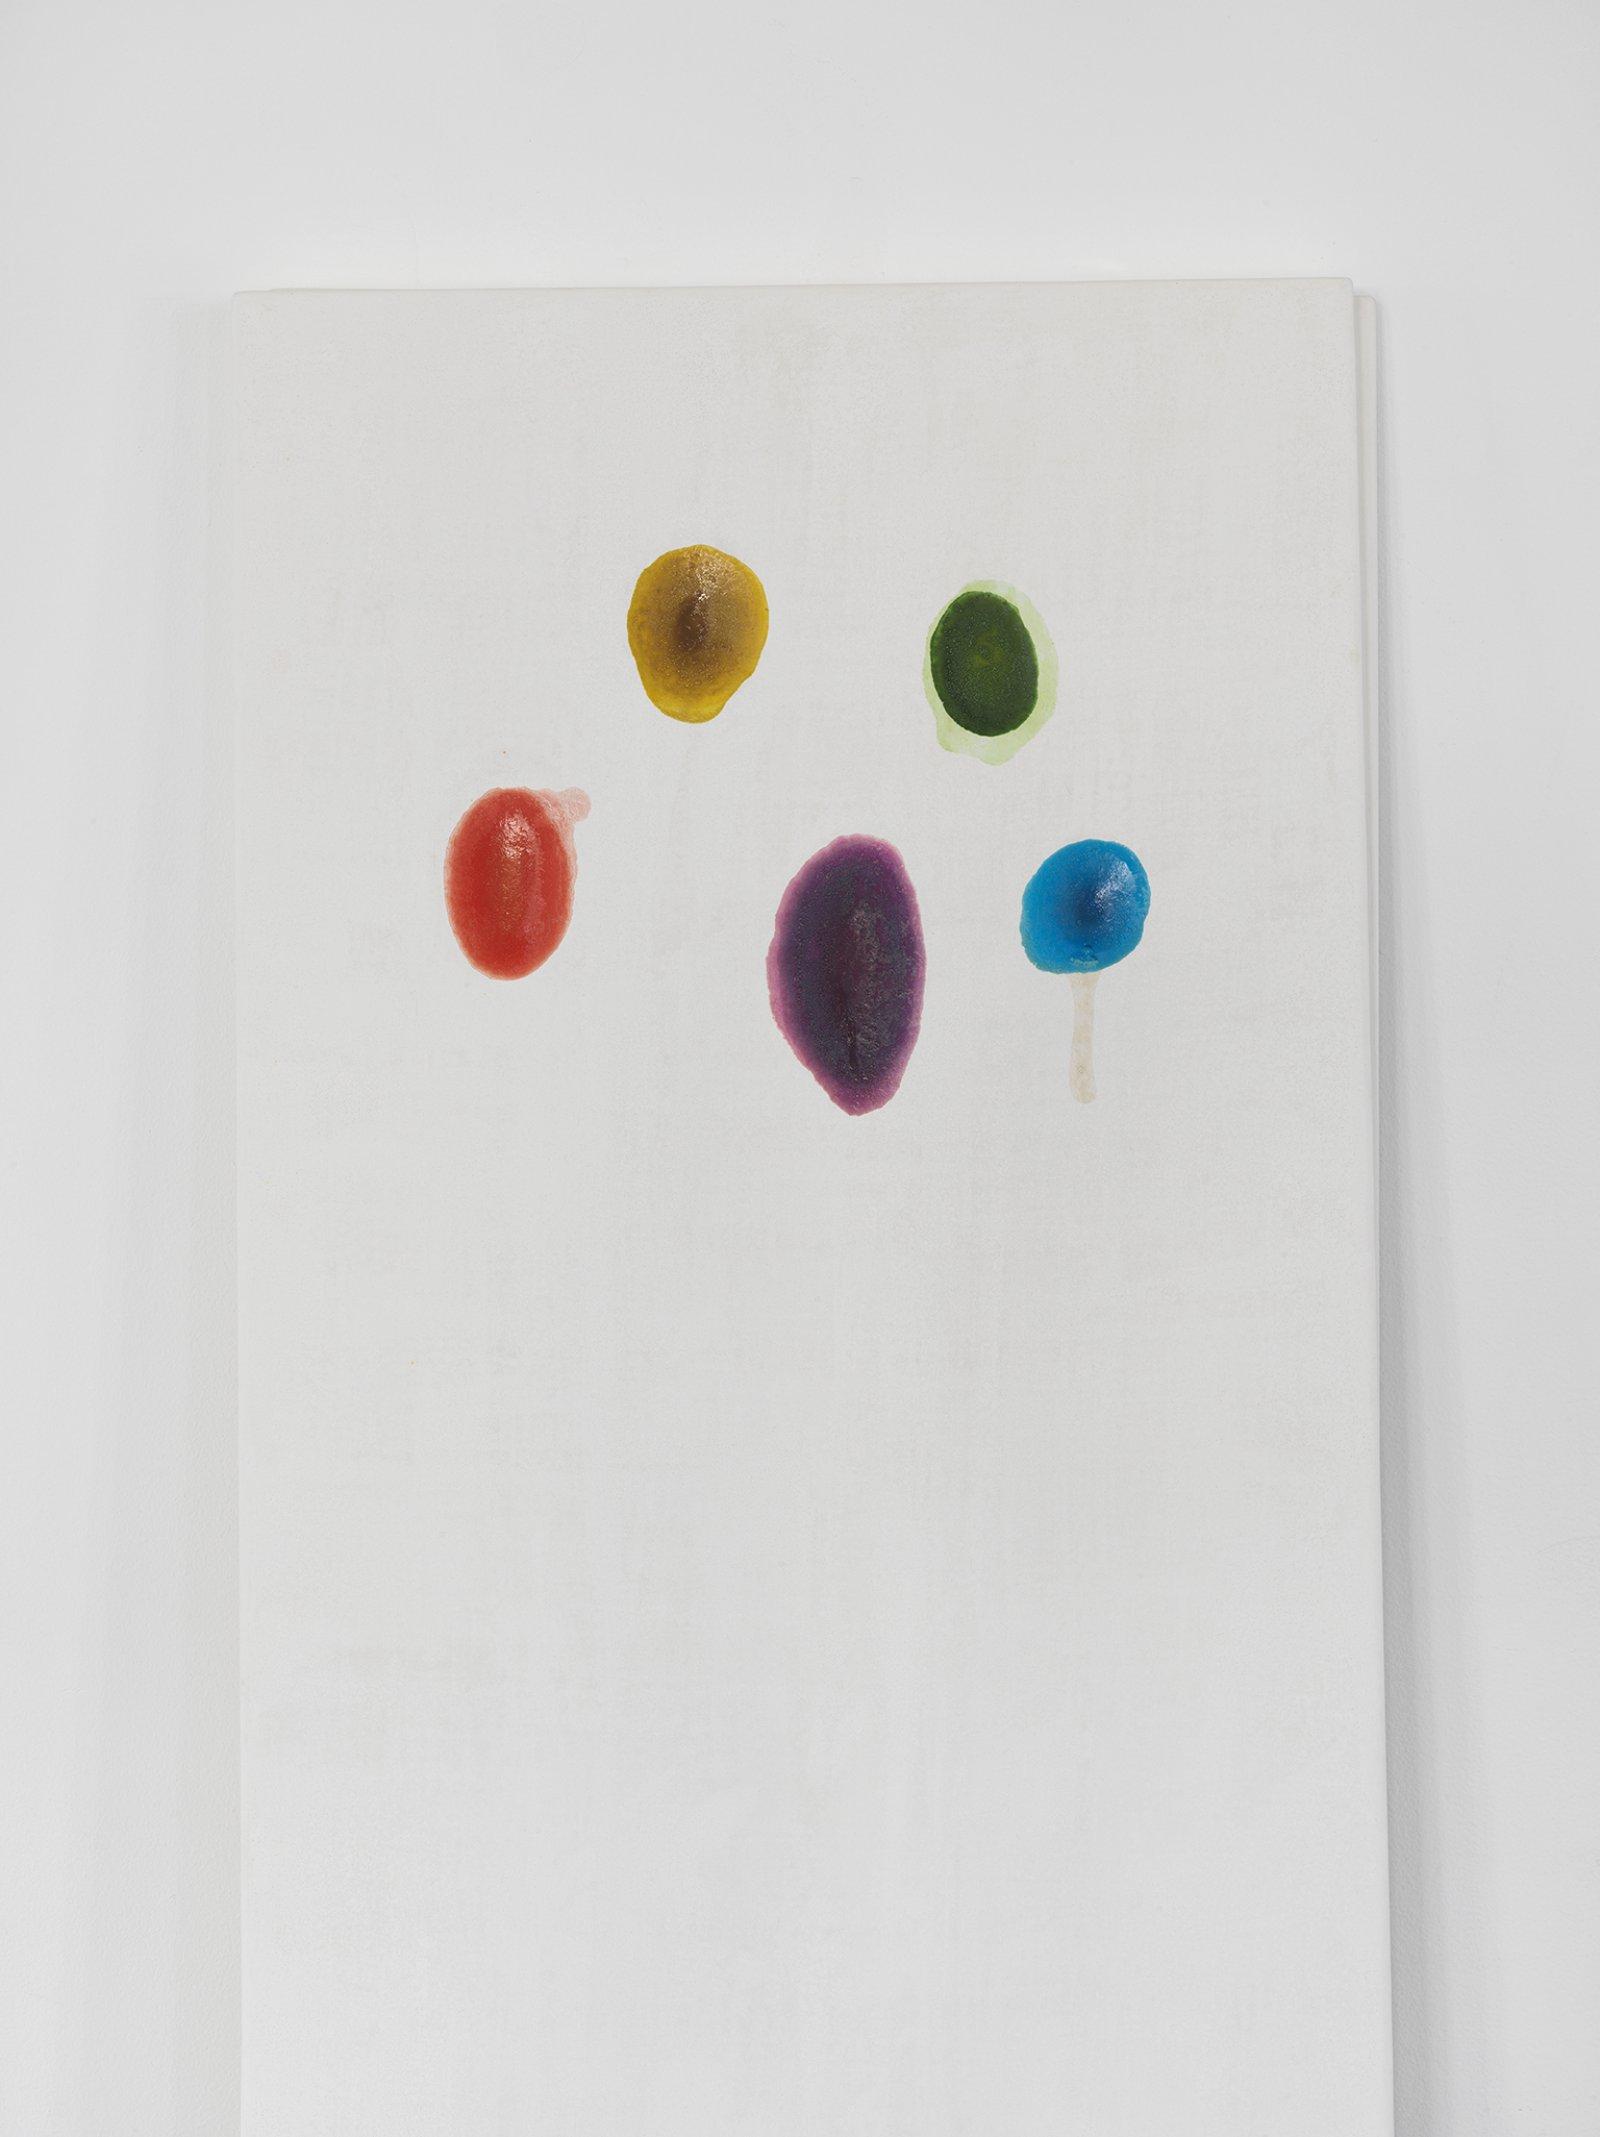 Christina Mackie, Chalk no. 4 (detail), 2014, birch, gesso, watercolour, 78 x 24 in. (198 x 62 cm) by Christina Mackie